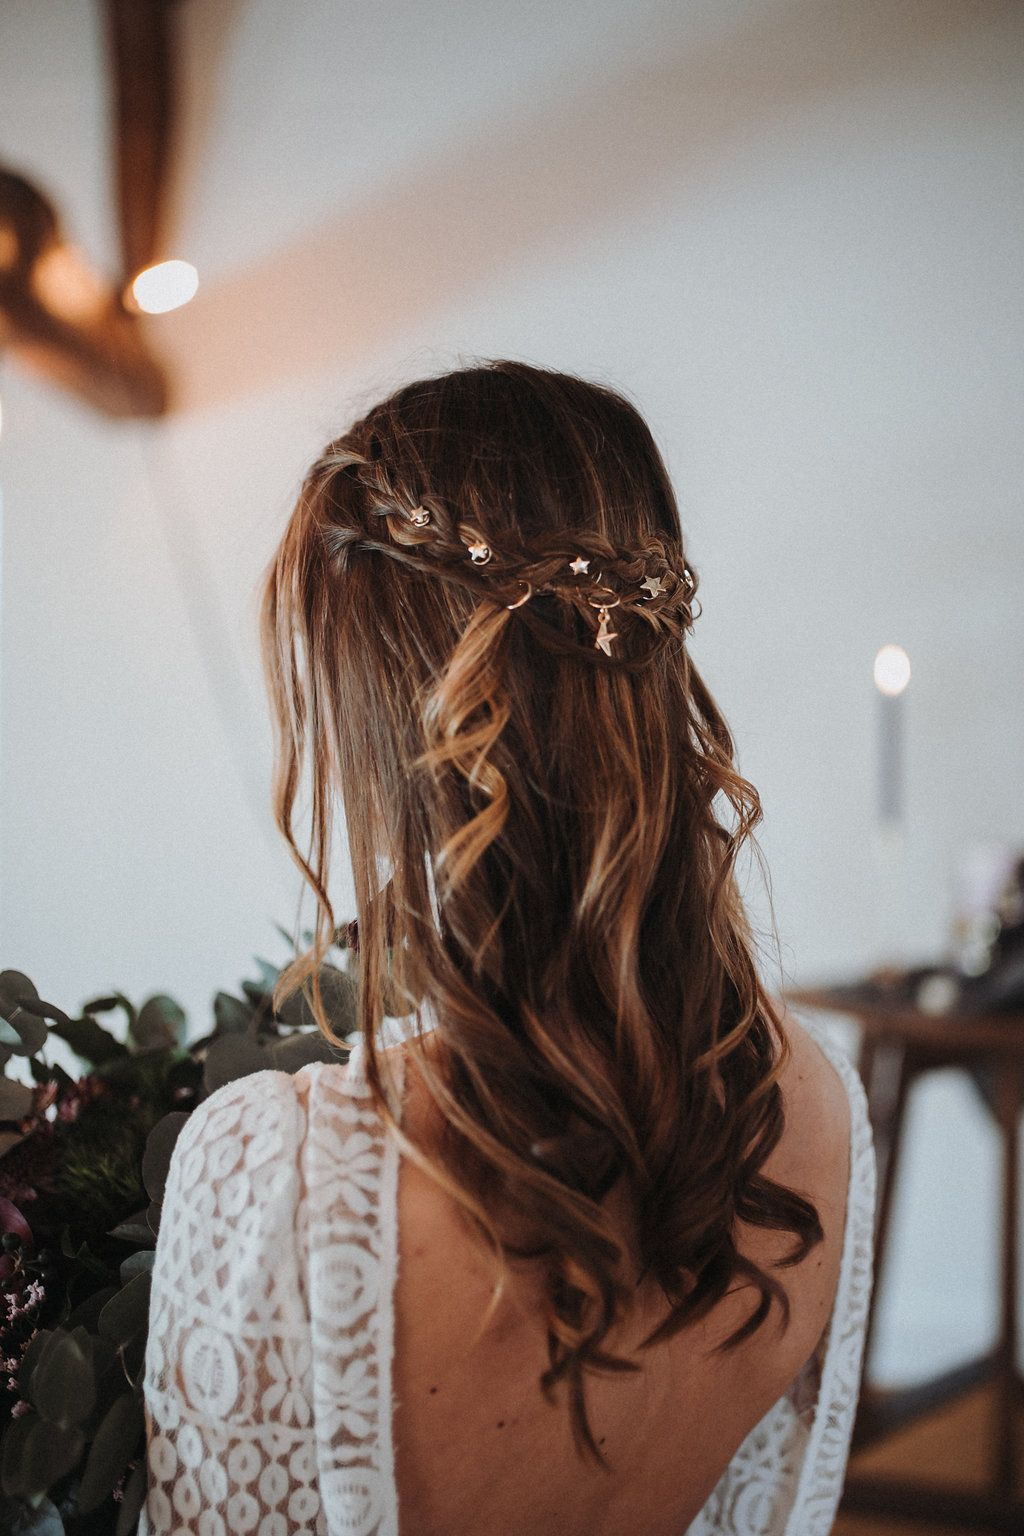 Frisuren Hochzeit Lange Haare Offen Anleitung Frisur Hochzeitsgast